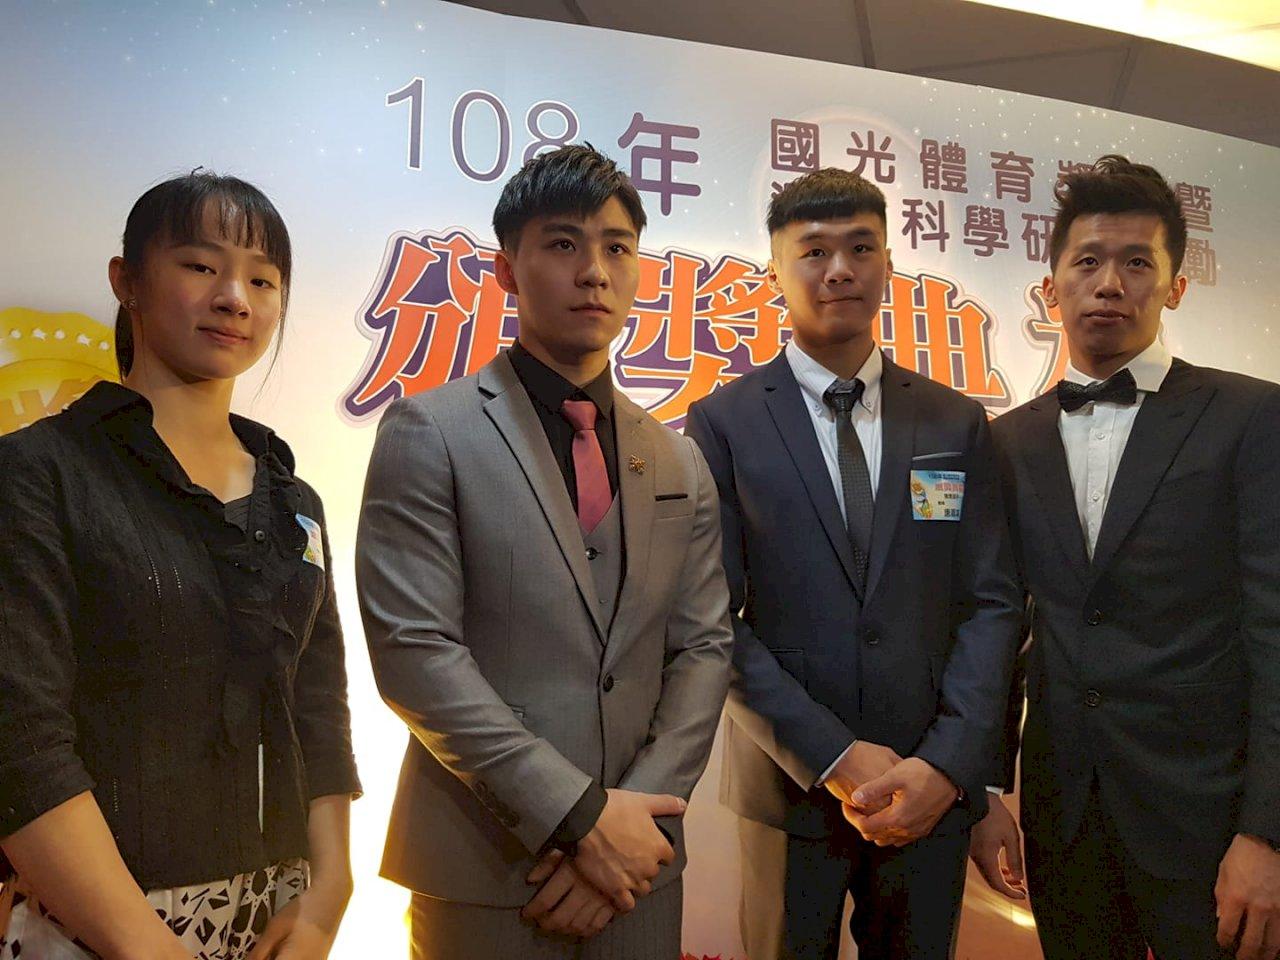 國光體育獎章頒獎  郭婞淳、李智凱等風光出席